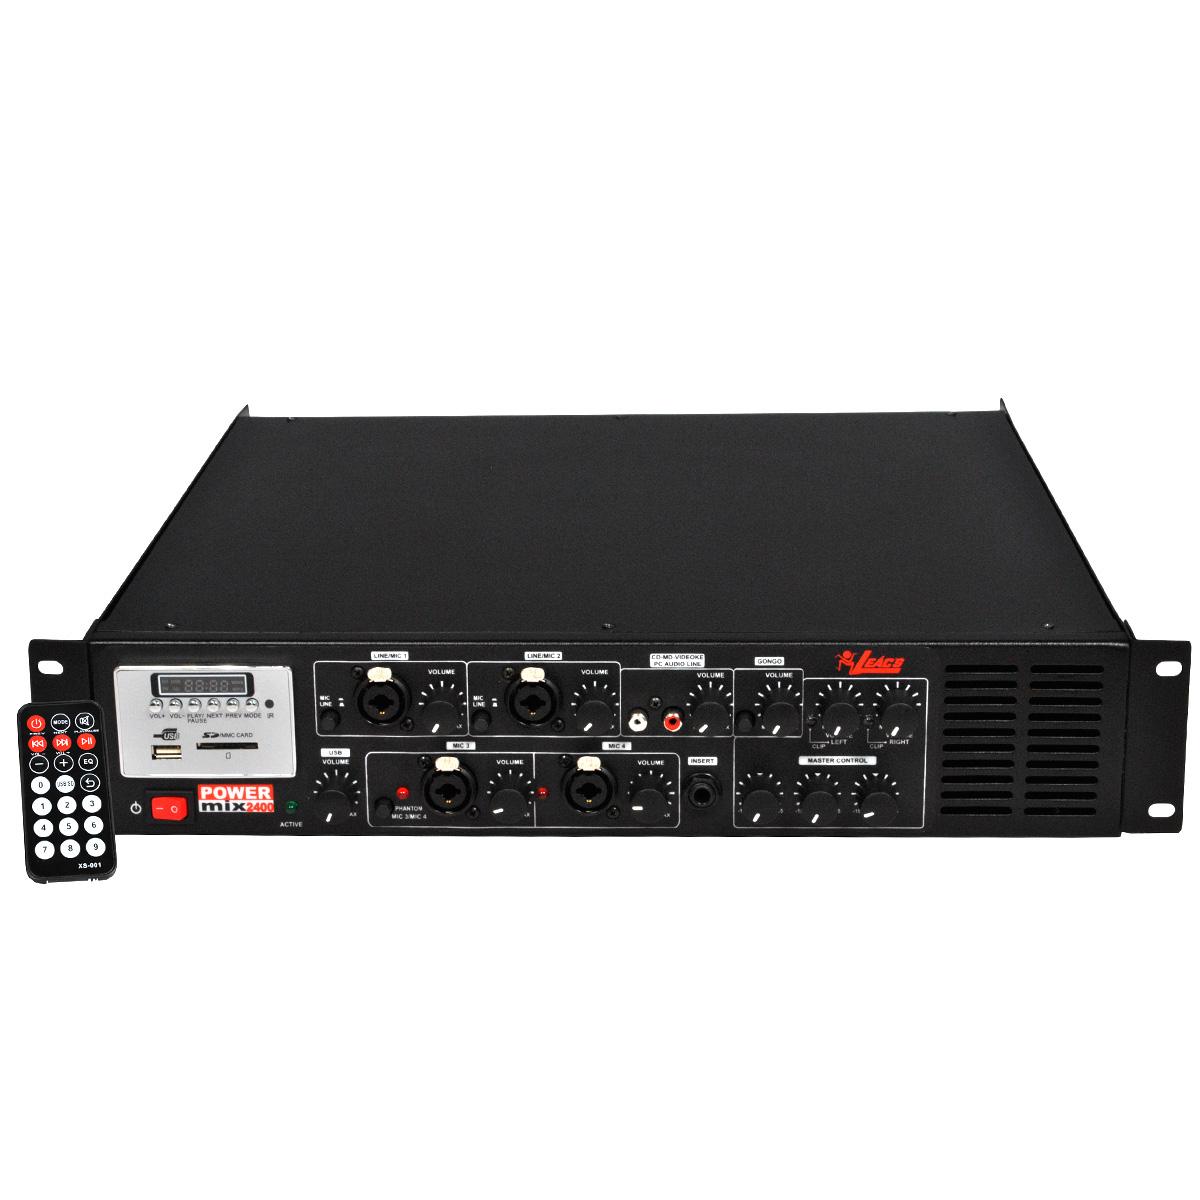 Pré Amplificador c/ Gongo e Equalizador 600W POWER MIX 2400 - Leacs